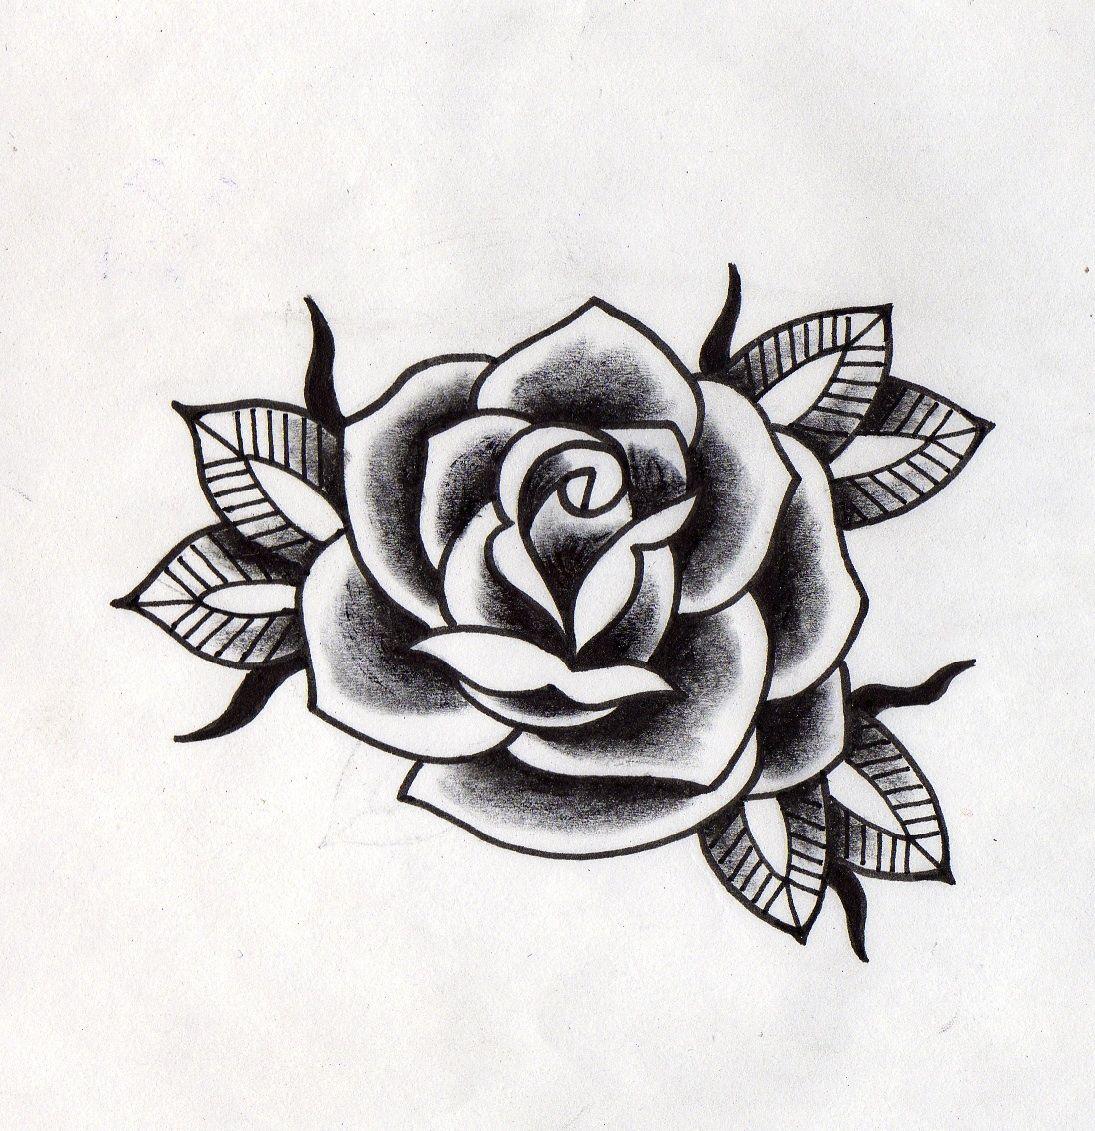 Rosa Negra Tradicional Tatuaje De Rosa Tatuajes De Rosa Tradicionales Tatuaje De Rosas En Acuarela